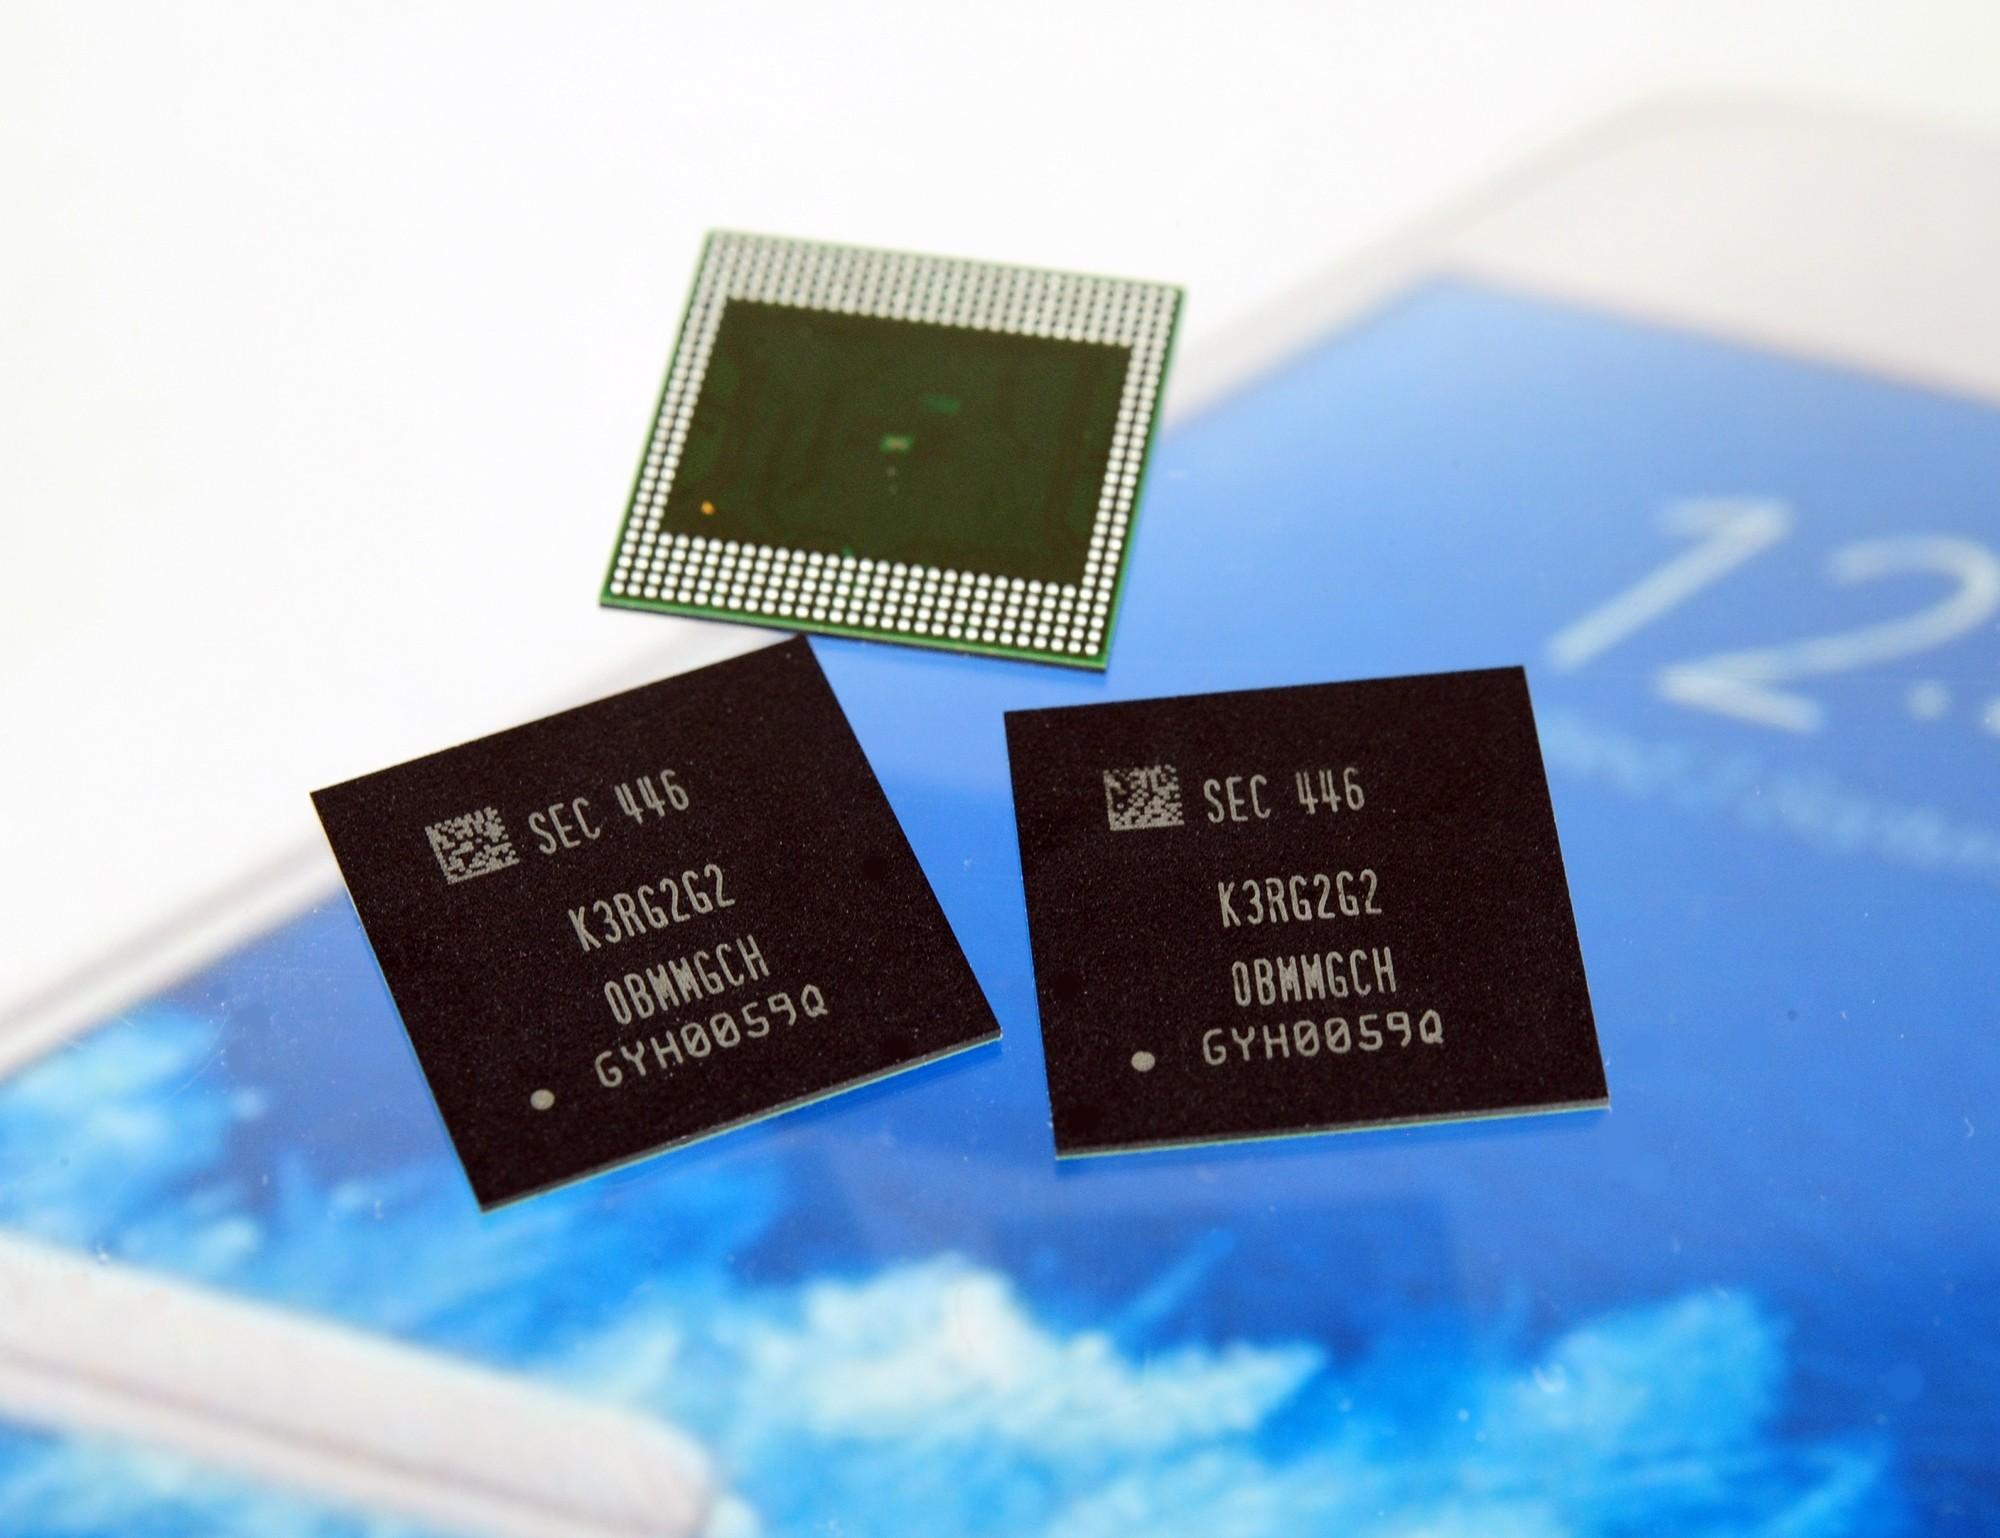 RAM DDR4 - RAM DDR4 cho thiết bị di động